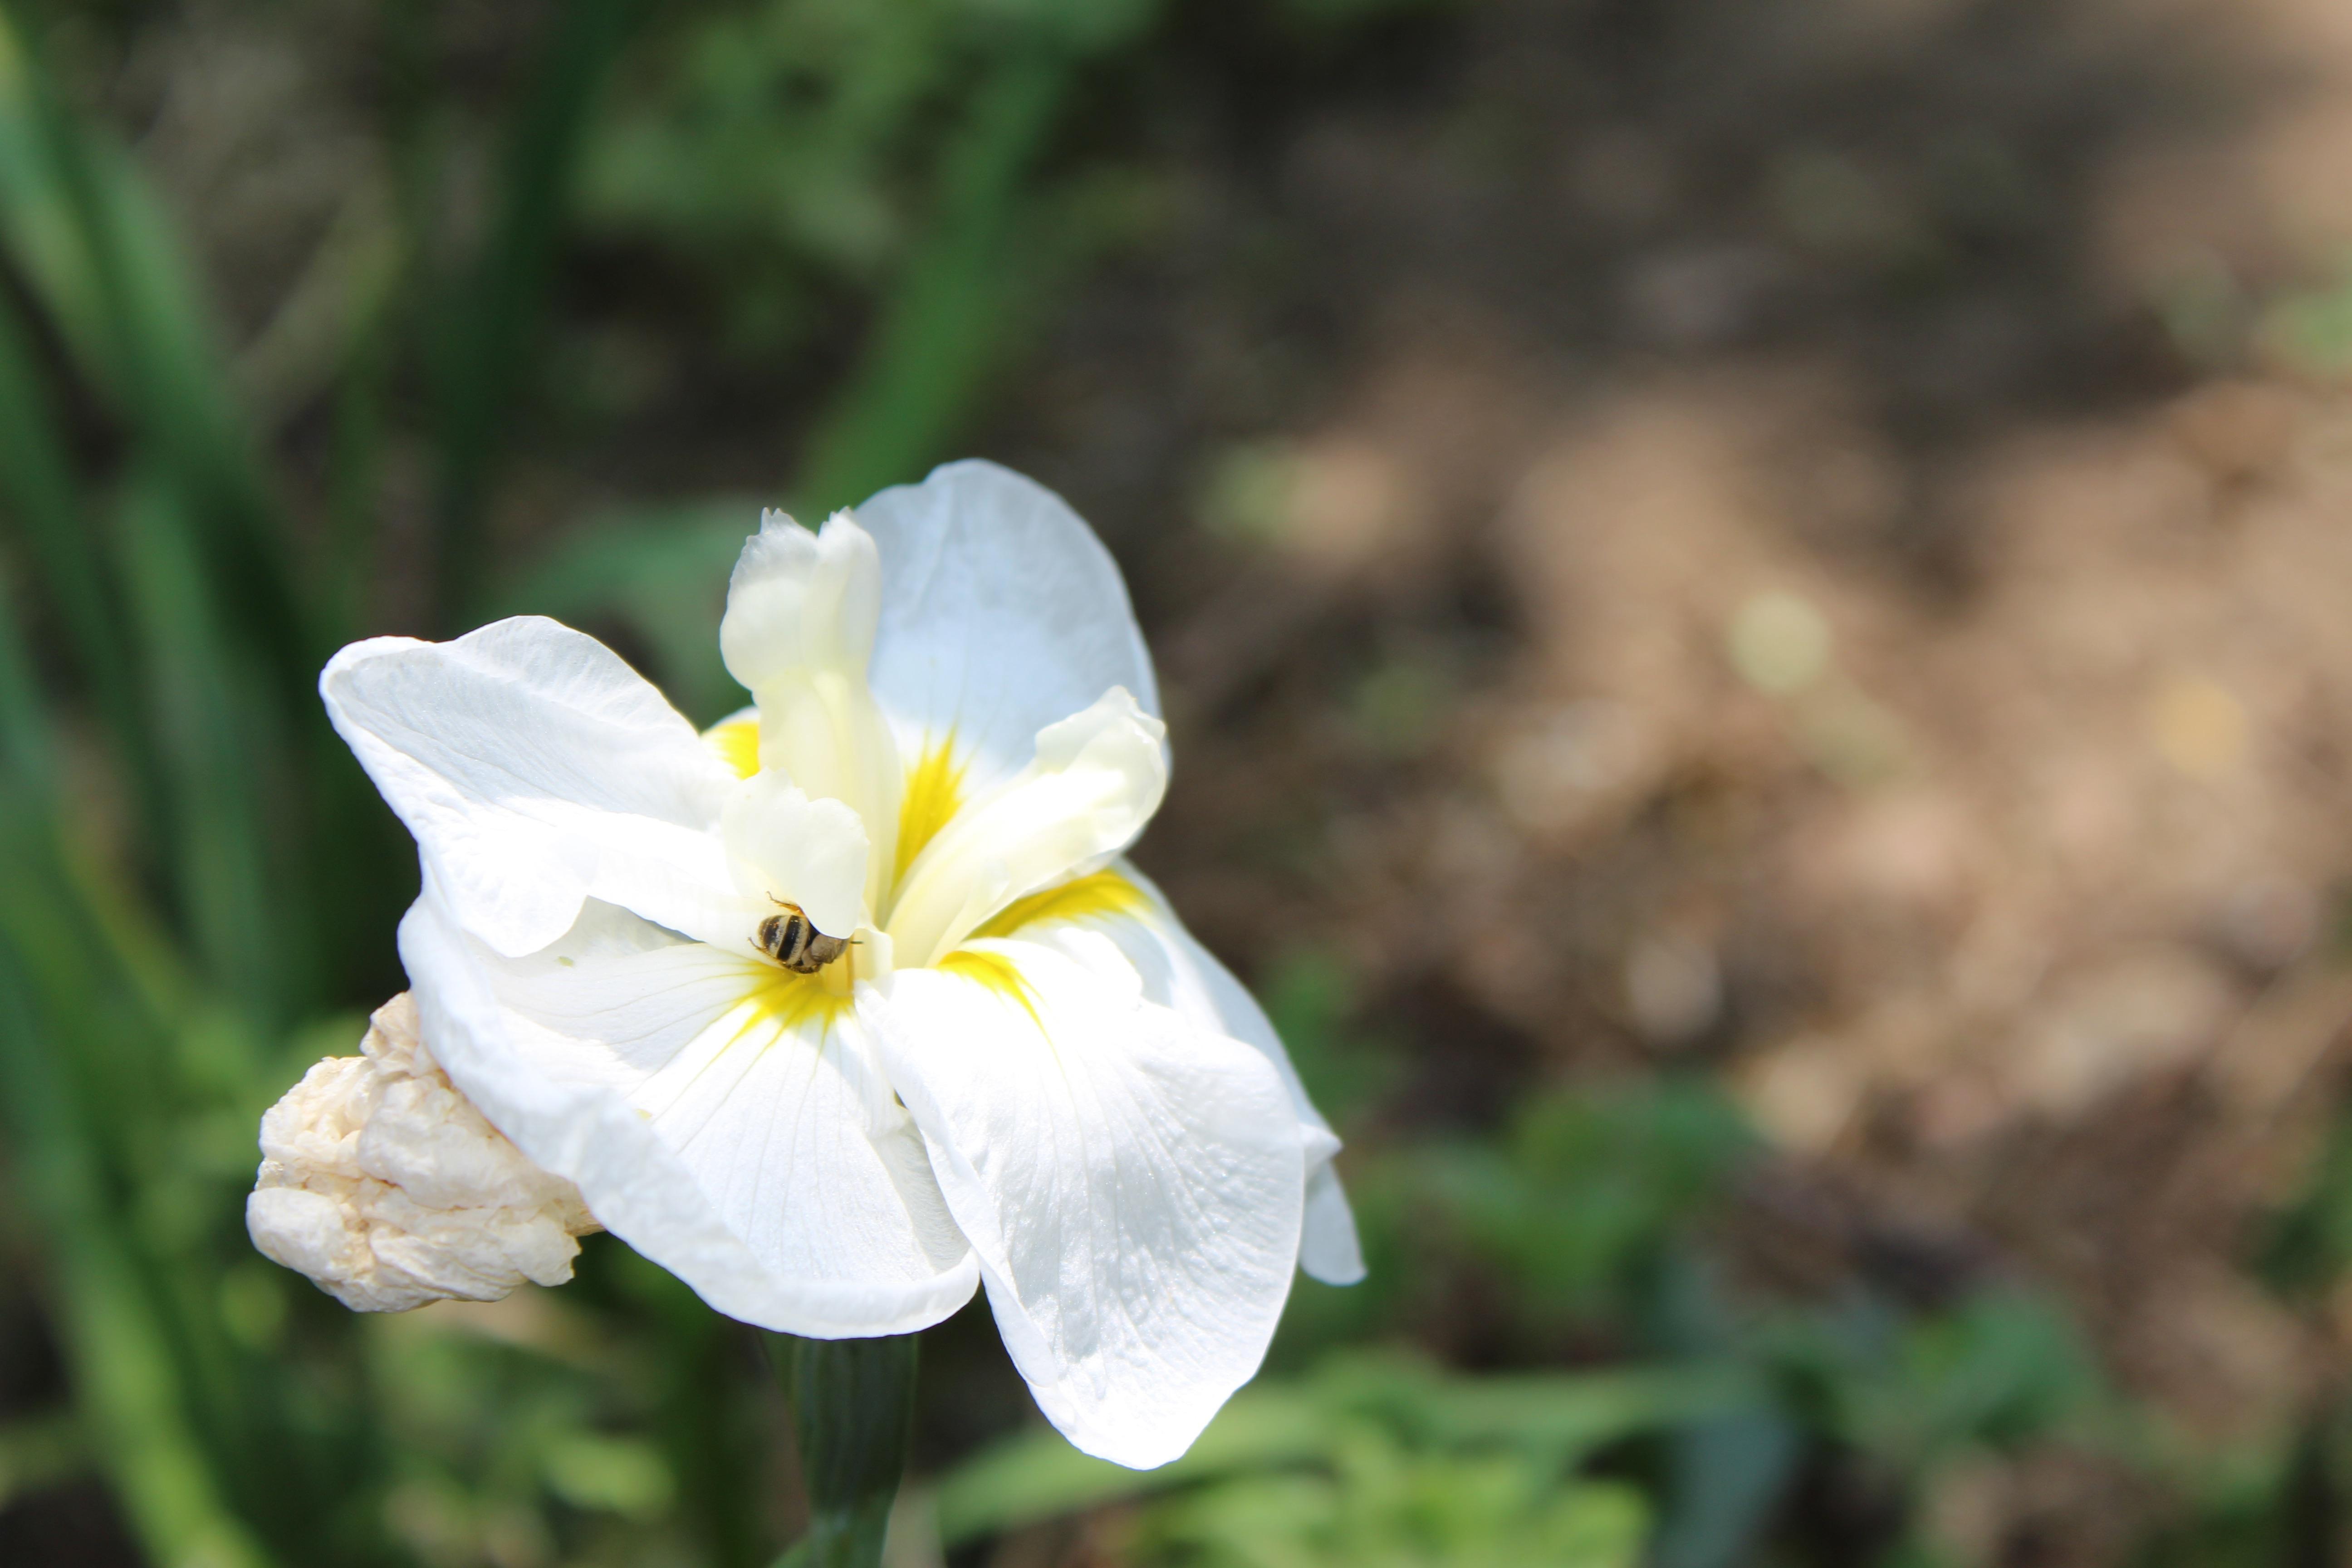 花菖蒲(はなしょうぶ)の艶やかな花が咲いていました。